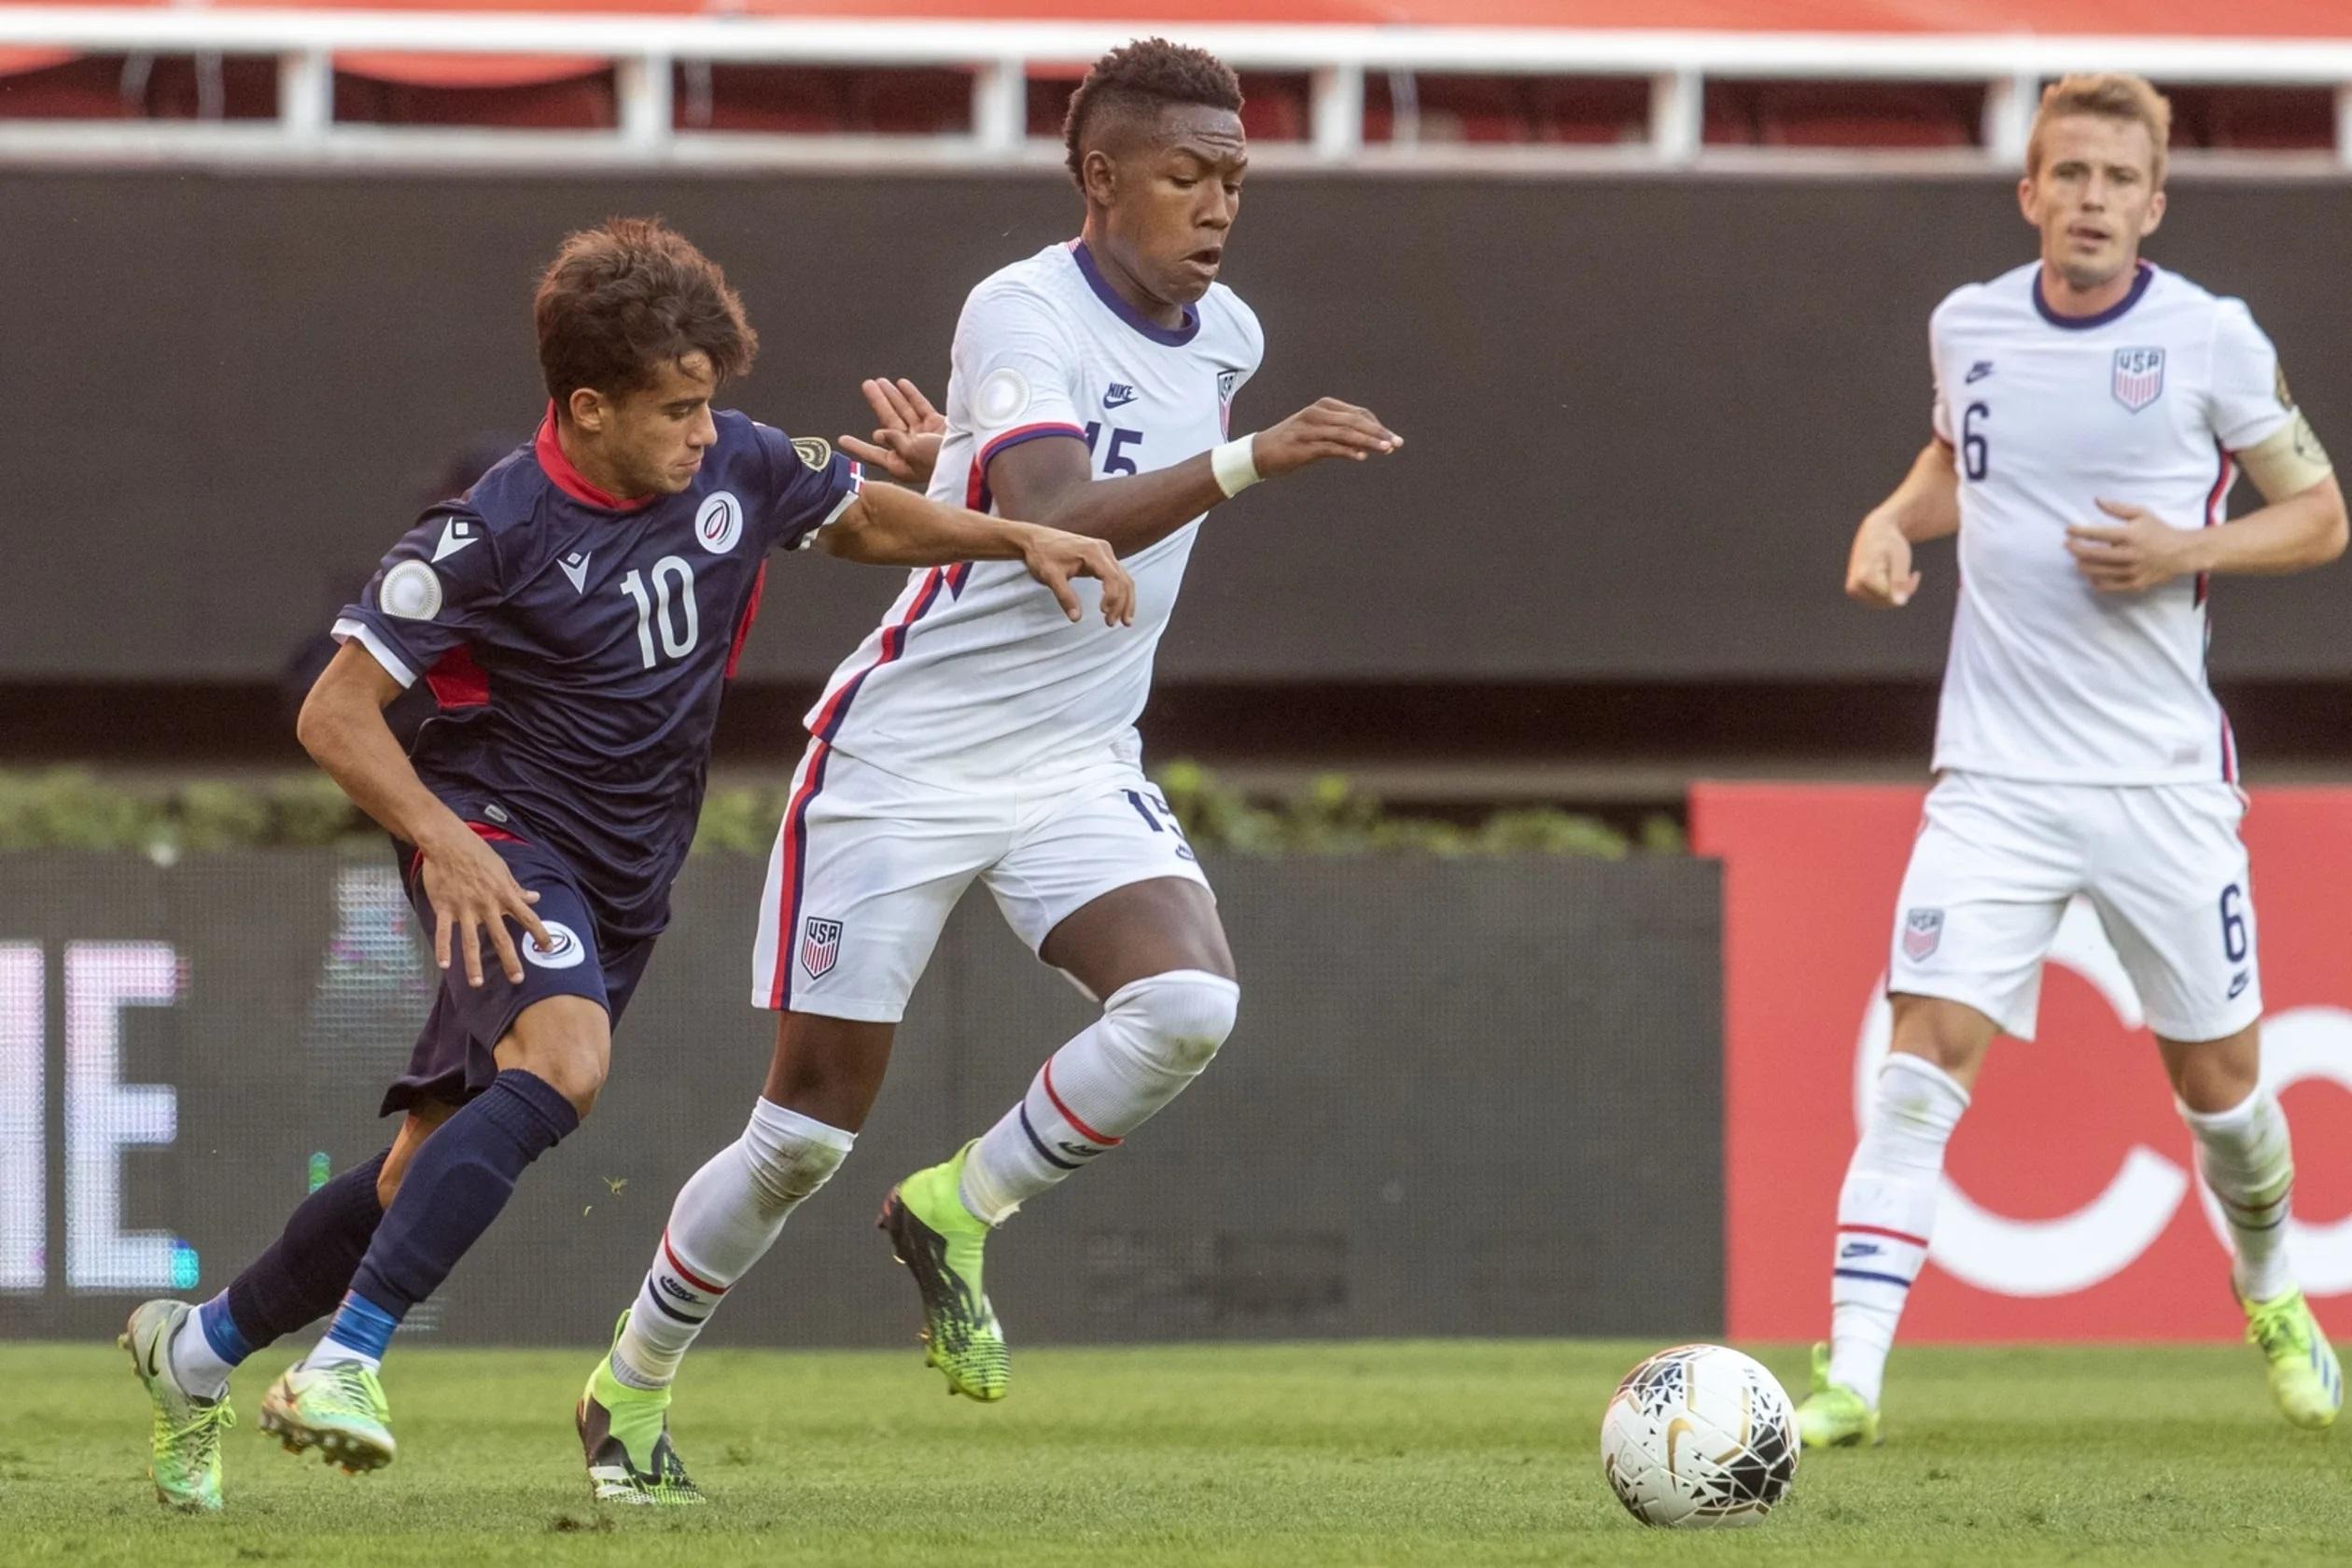 Estados Unidos goleó a República Dominicana y clasificó a semifinales del Preolímpico.